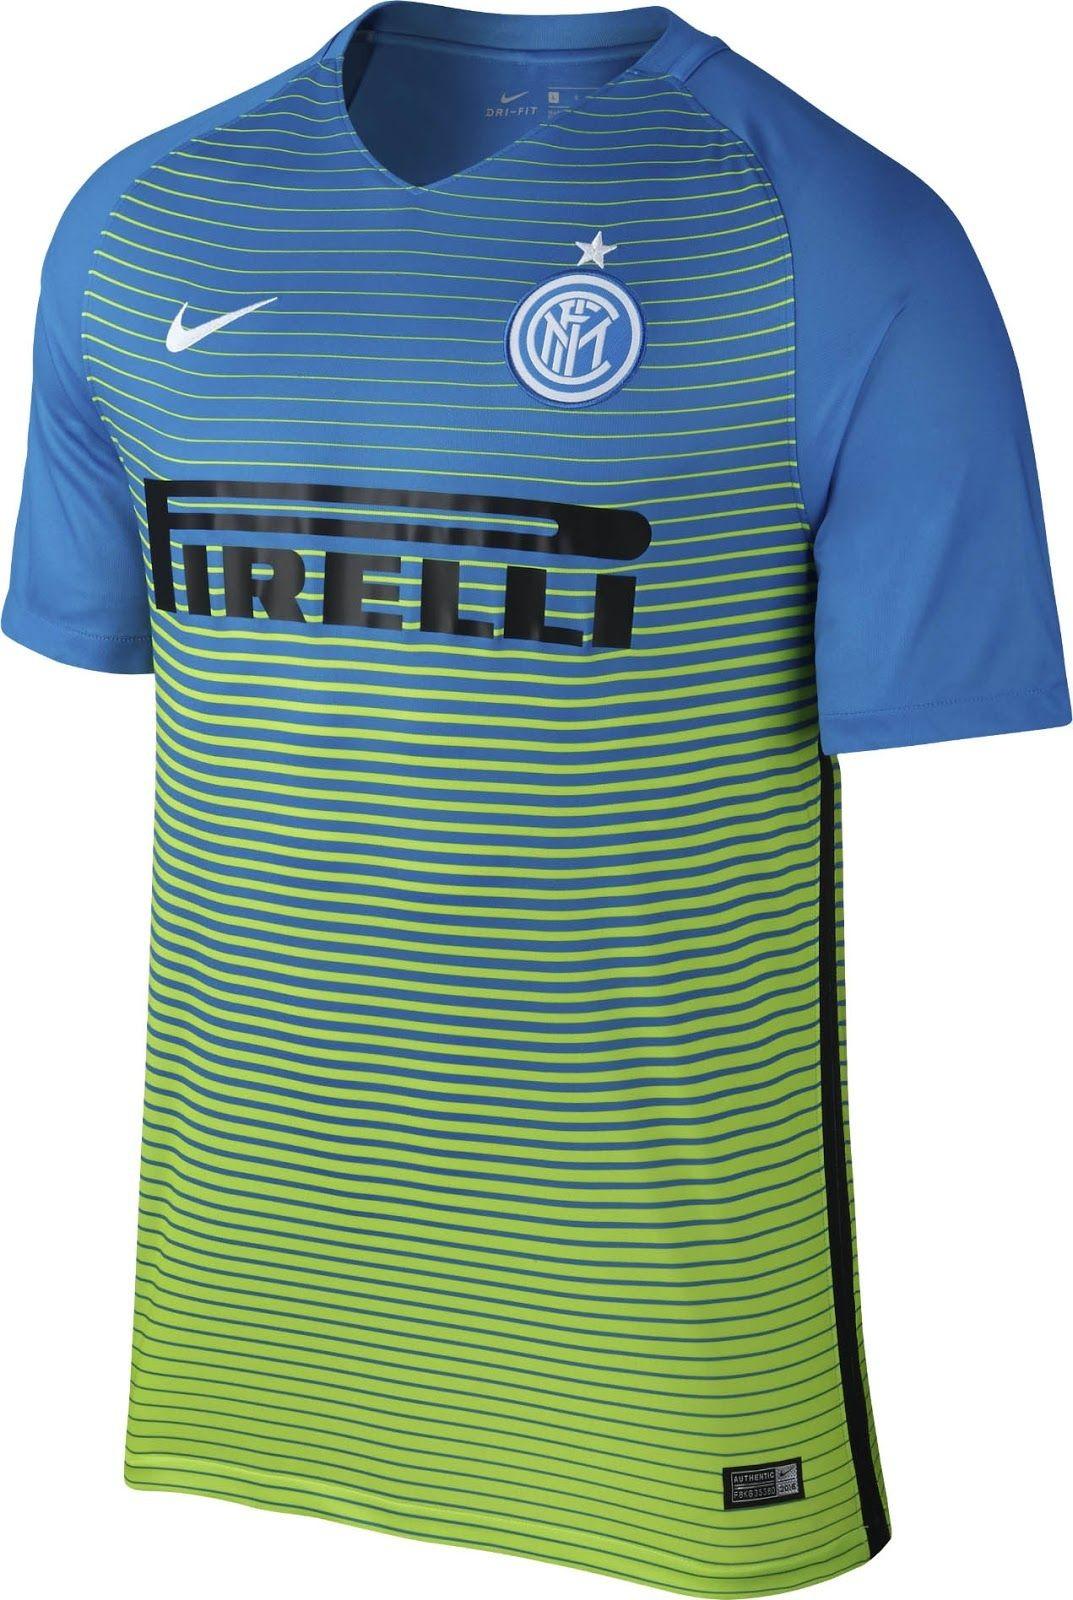 Terza Maglia Inter Milan 2016-17